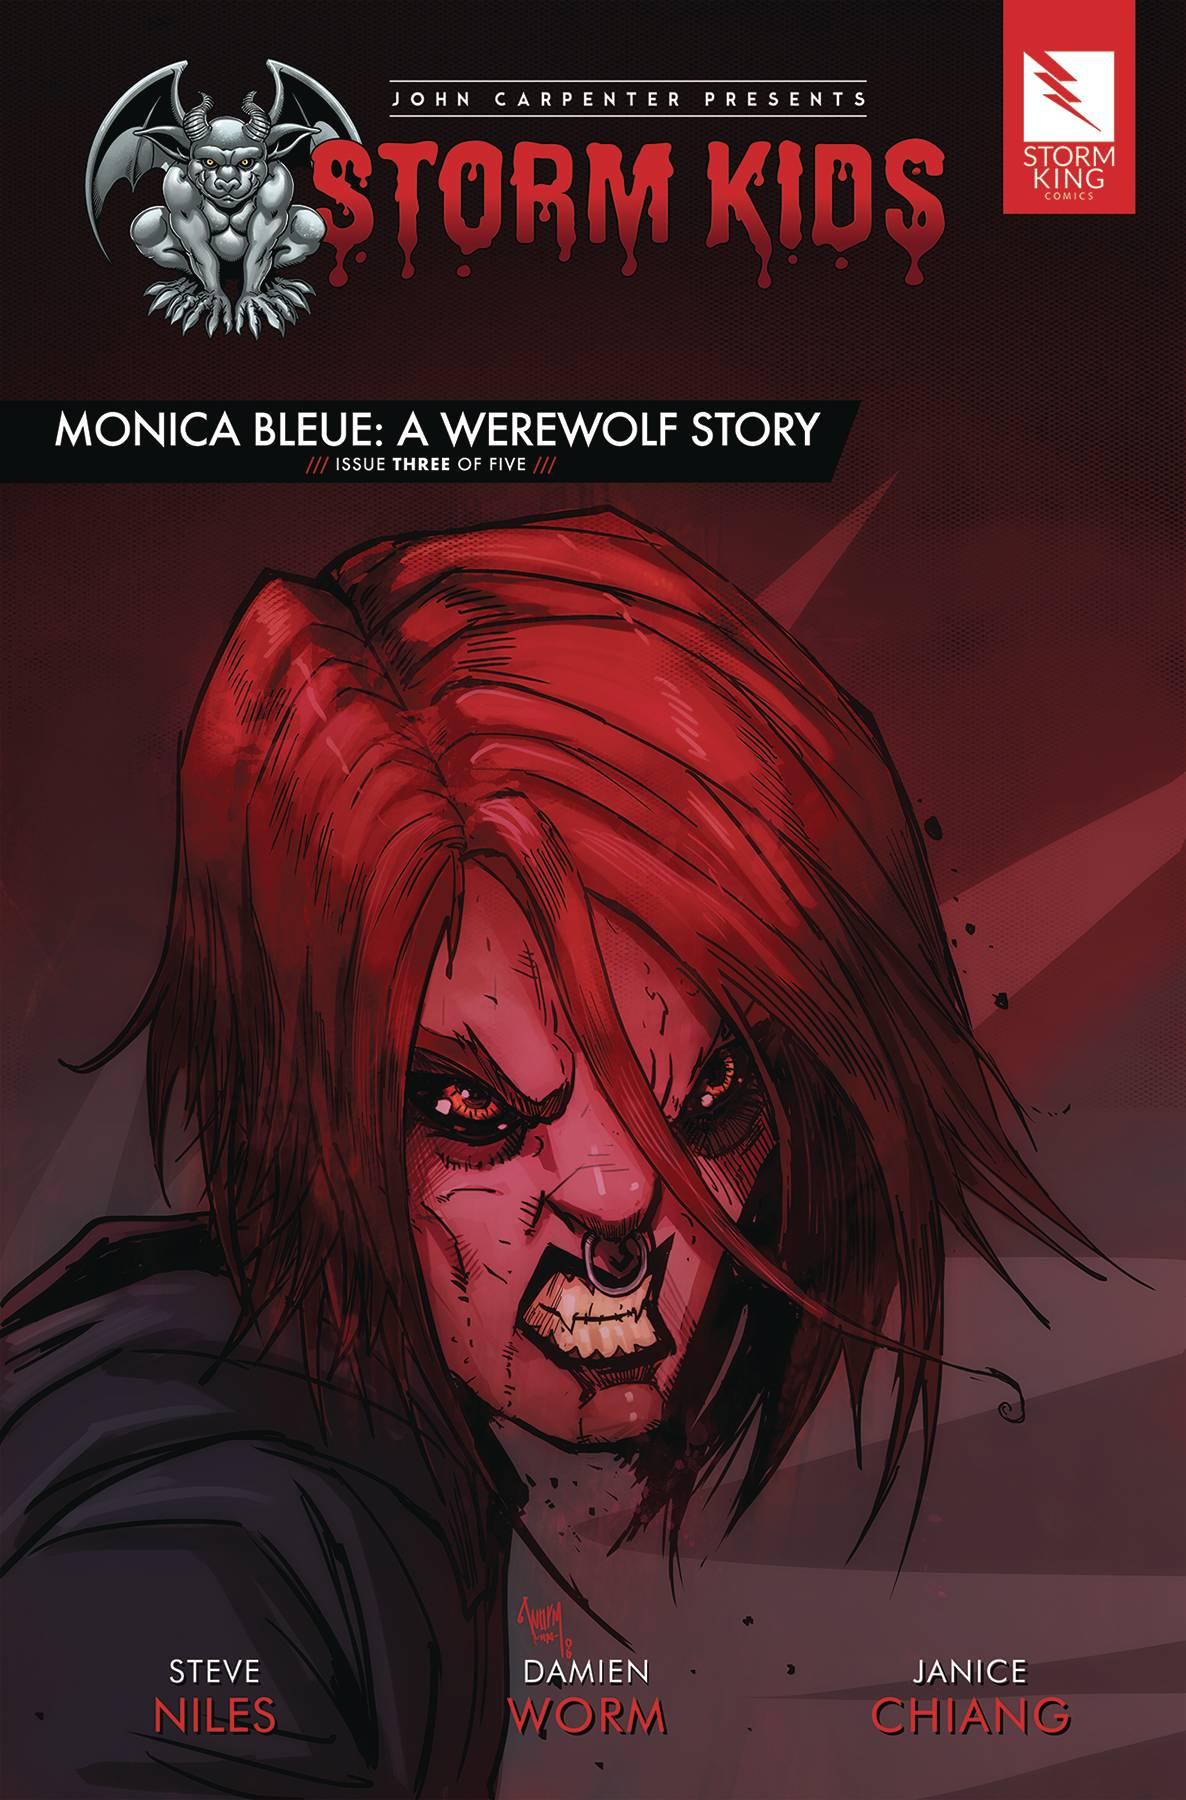 Storm Kids: Monica Bleue - A Werewolf Story #3 (2020)